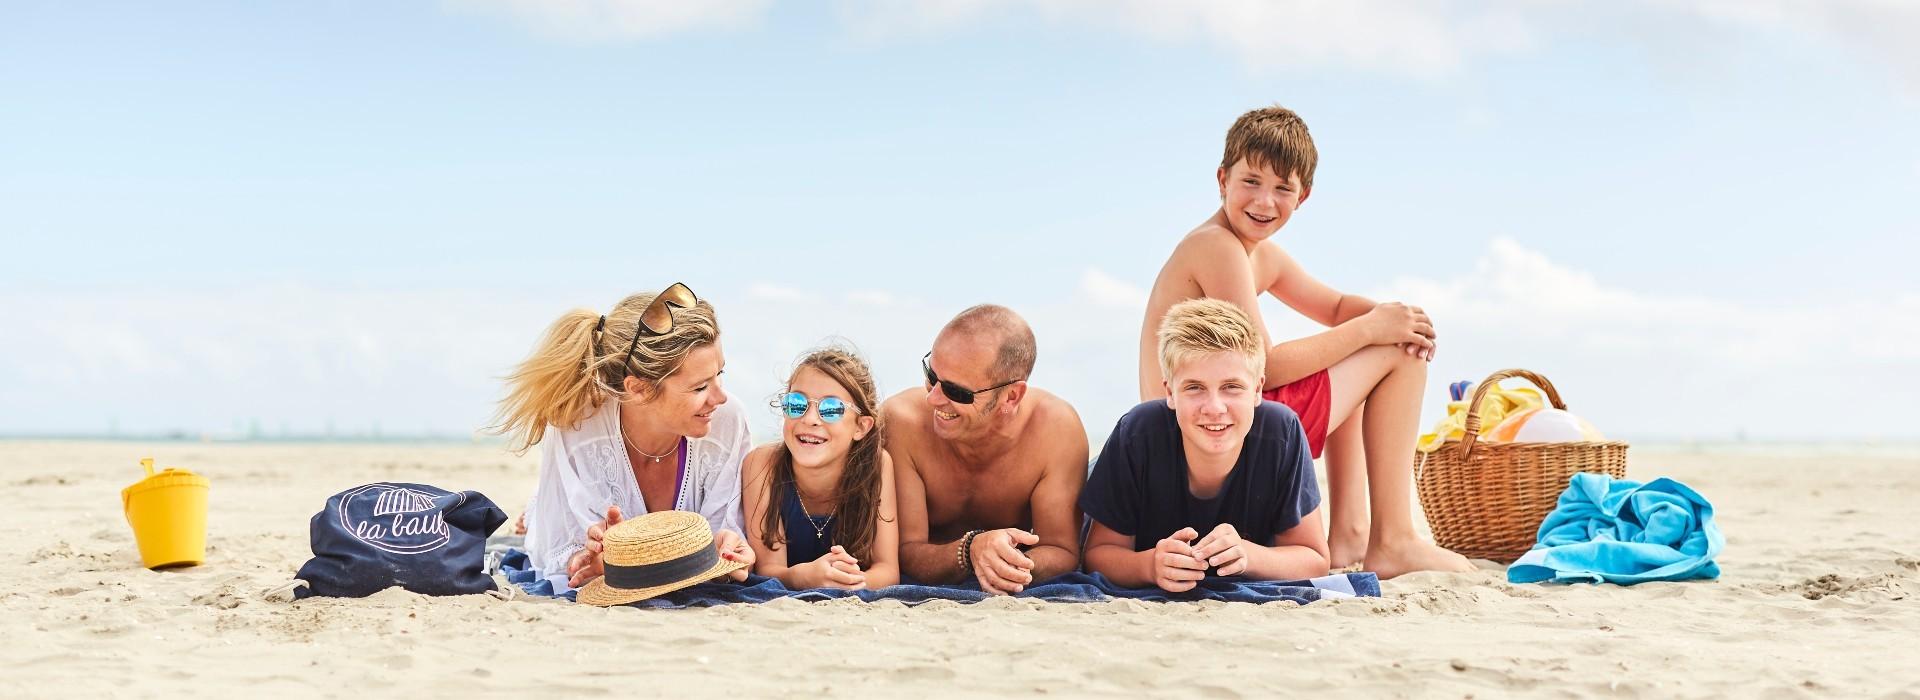 Boutique en ligne - a la plage - Office de tourisme la baule presqu'ile de guerande